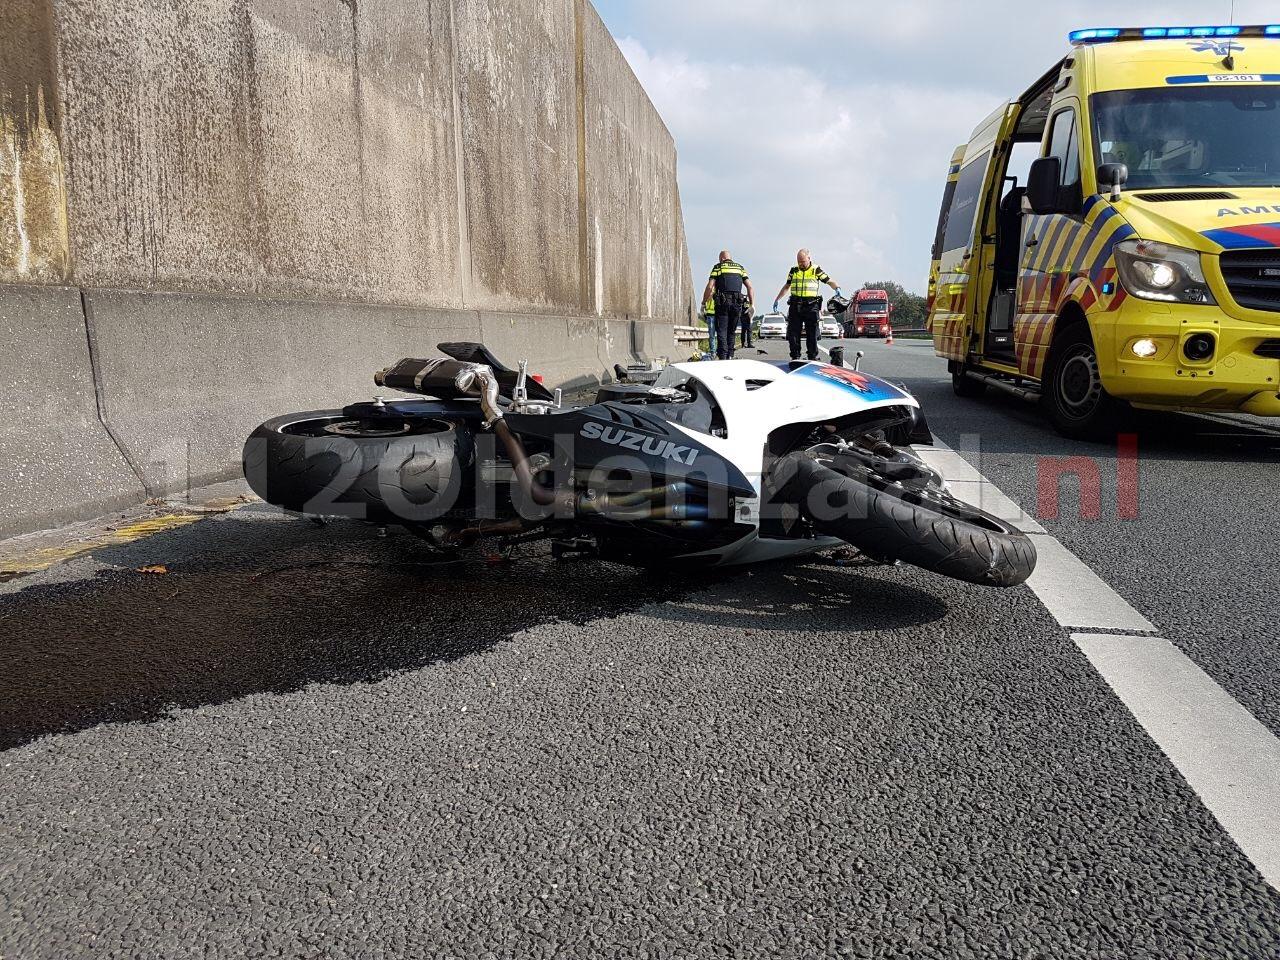 Ernstig ongeval op A1 tussen Oldenzaal en Hengelo